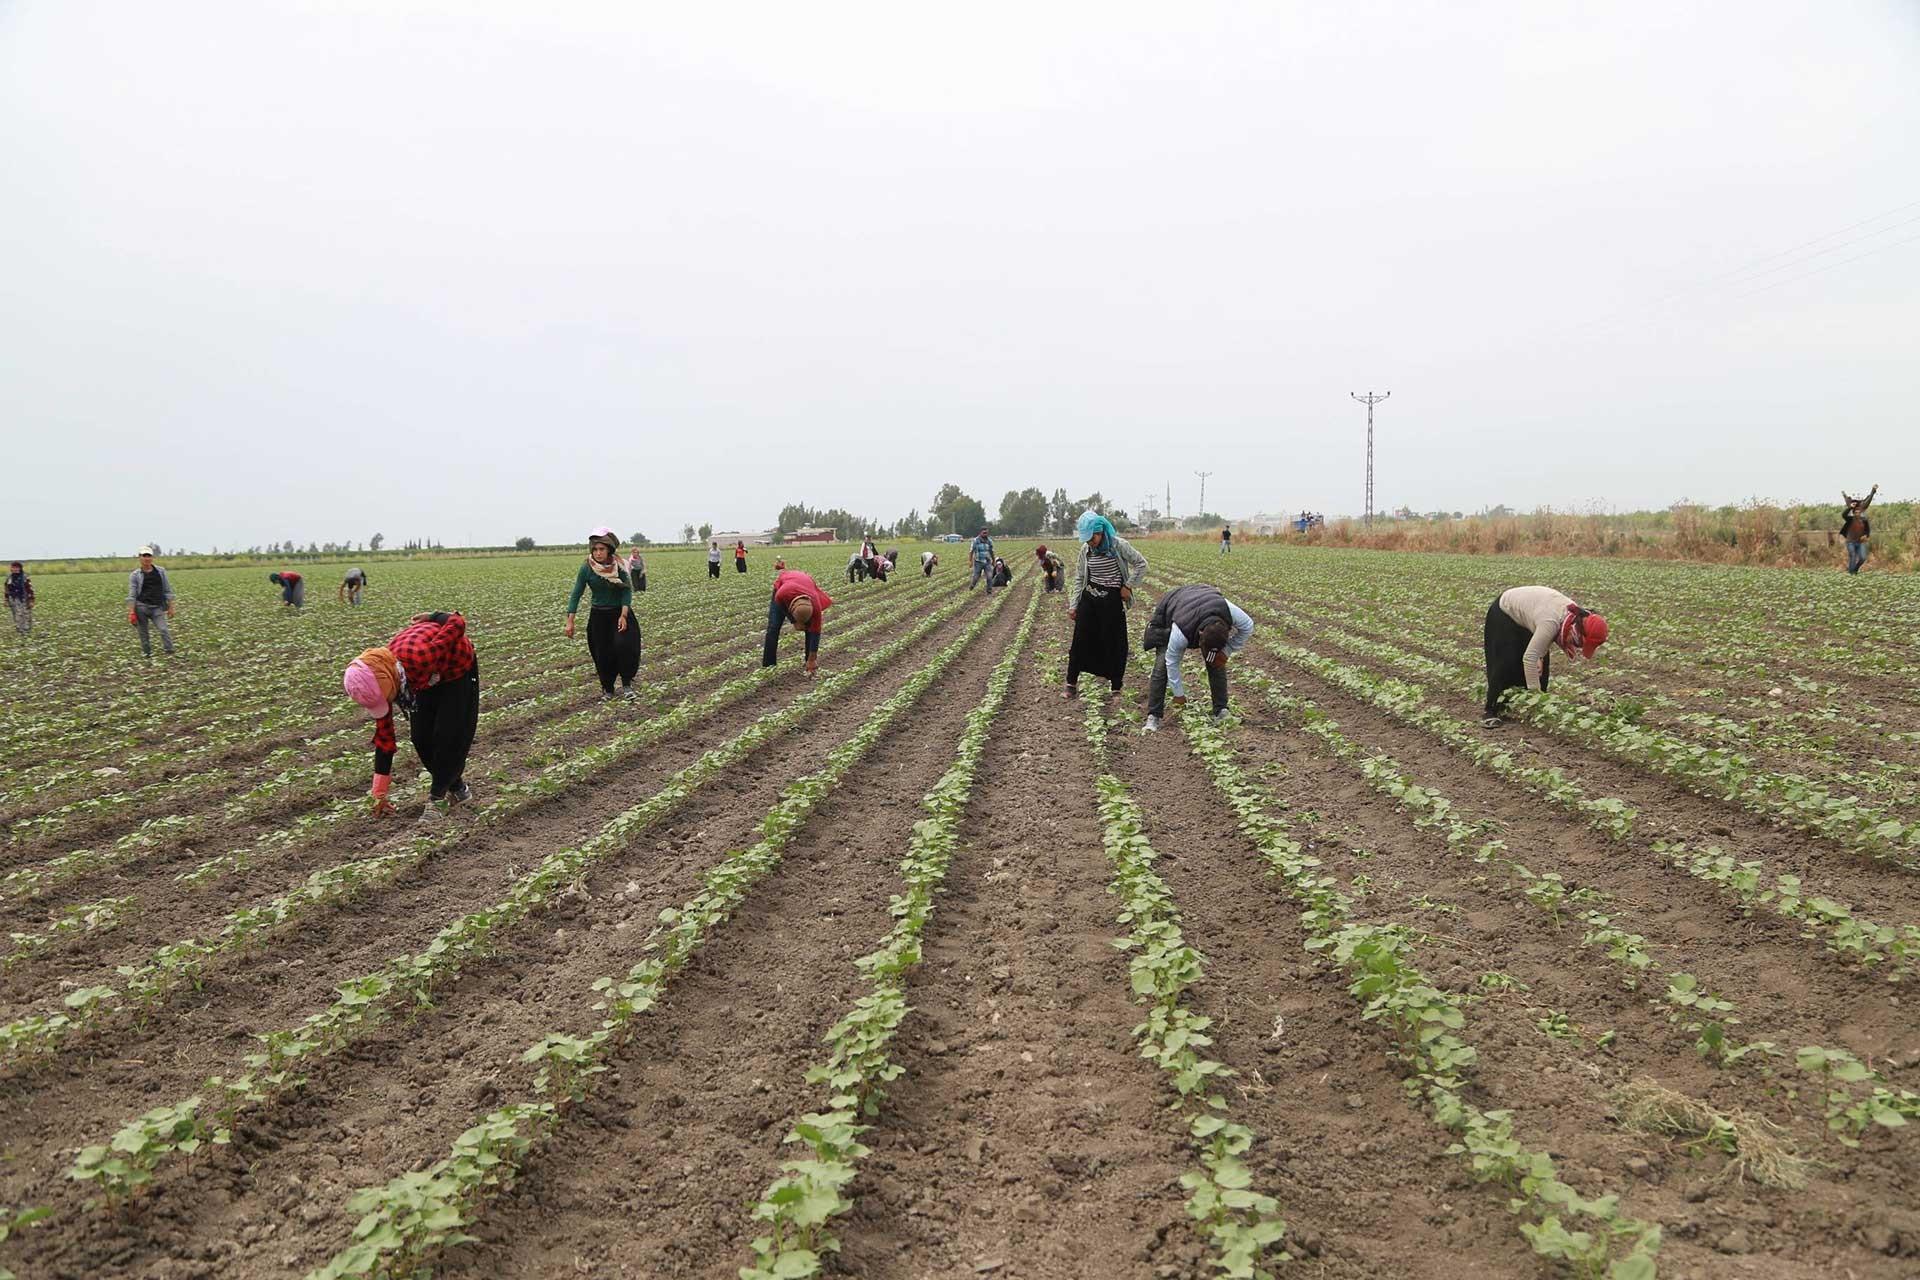 Mevsimlik tarım işçileri çocuklarıyla birlikte tüm gün çalışıyor